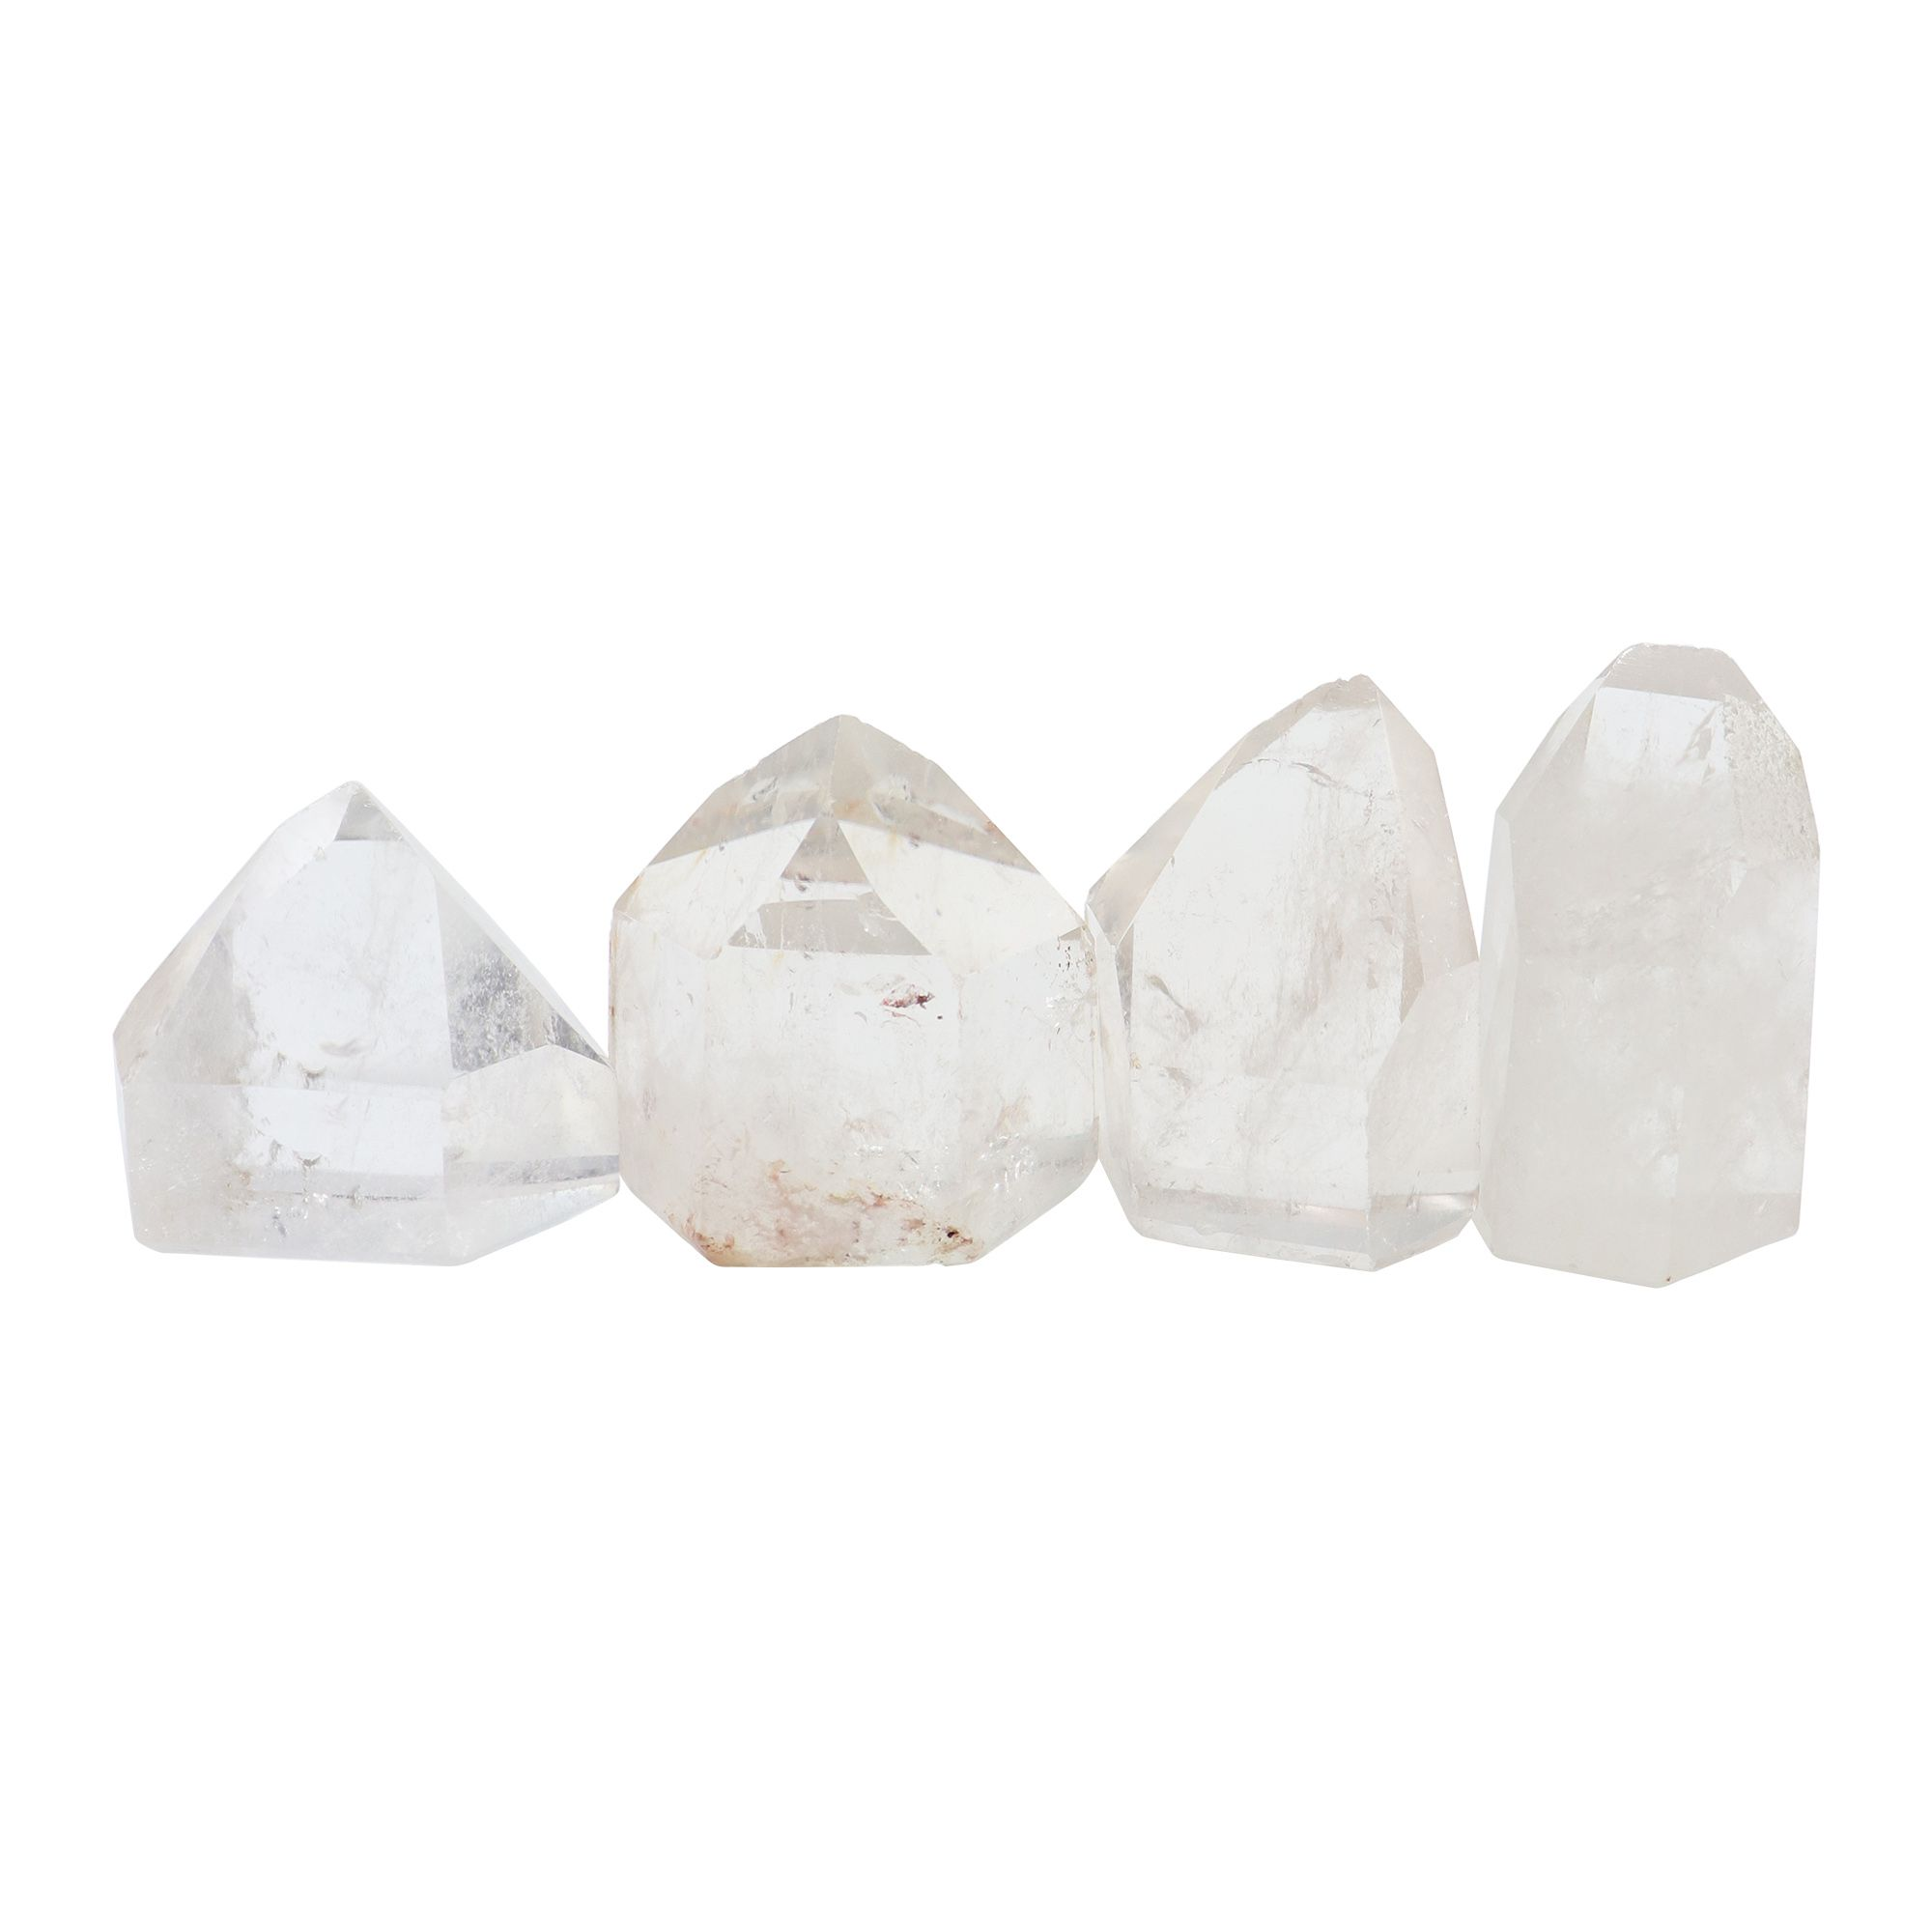 Cristal Quartzo 60 à 97g - Polido